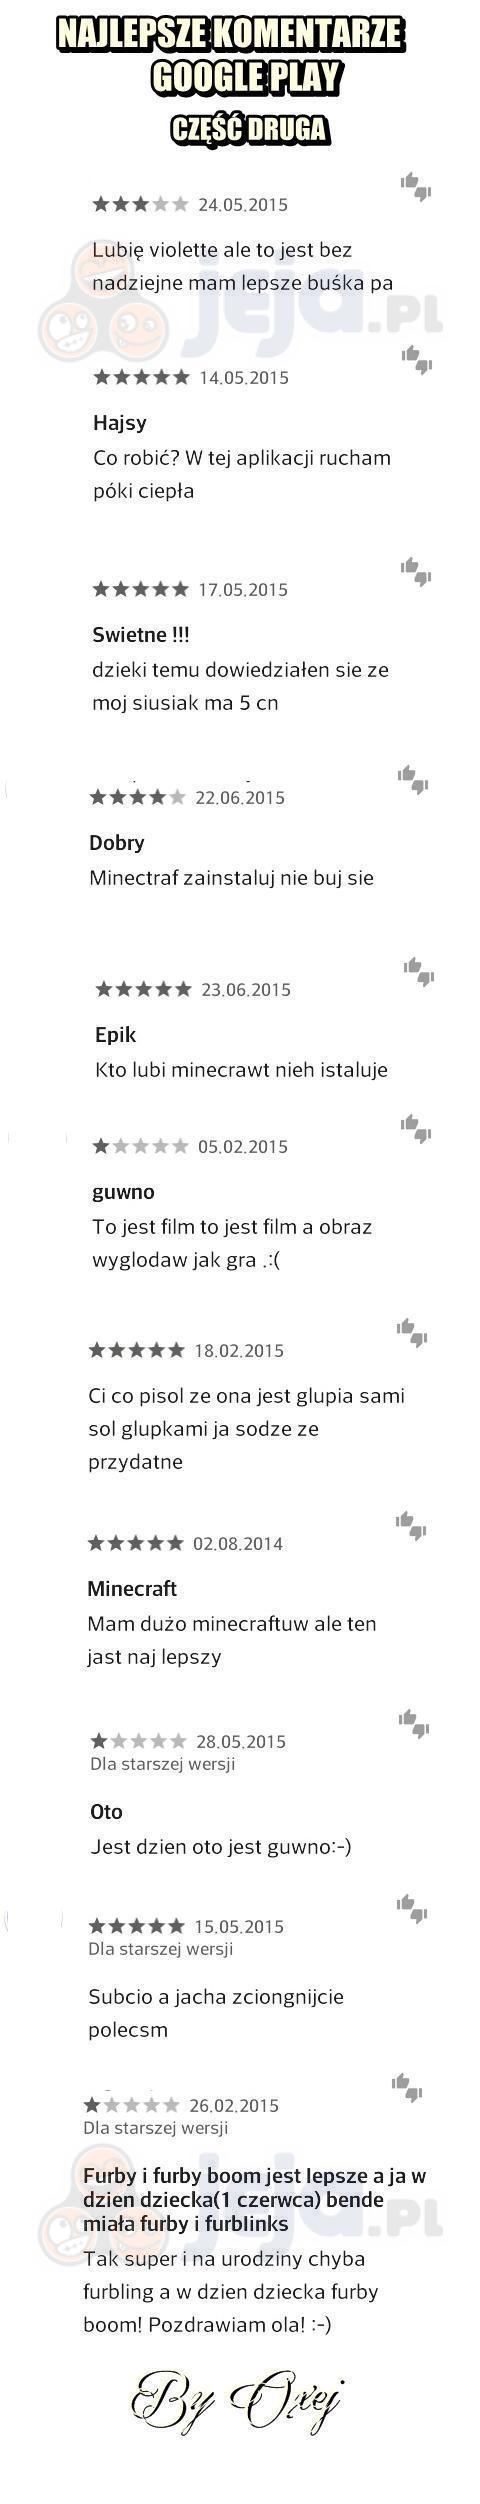 Najlepsze komentarze Google Play